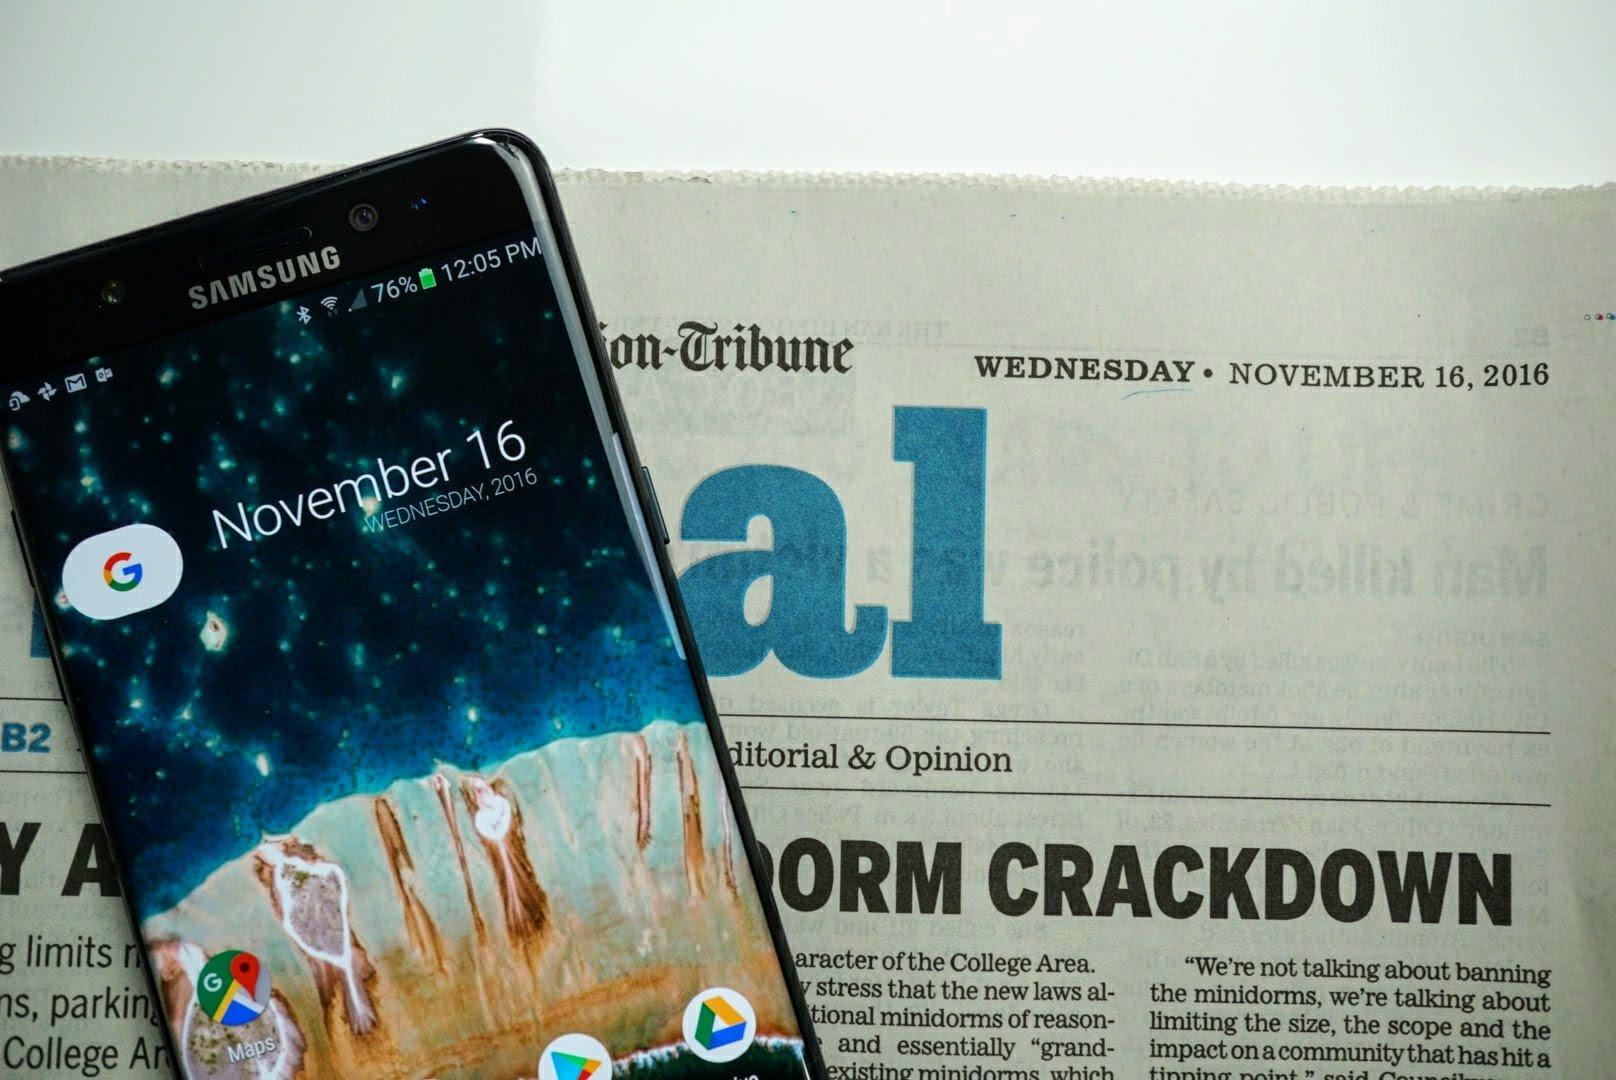 My Samsung Galaxy Note 7 on today's San Diego Union Tribune newspaper